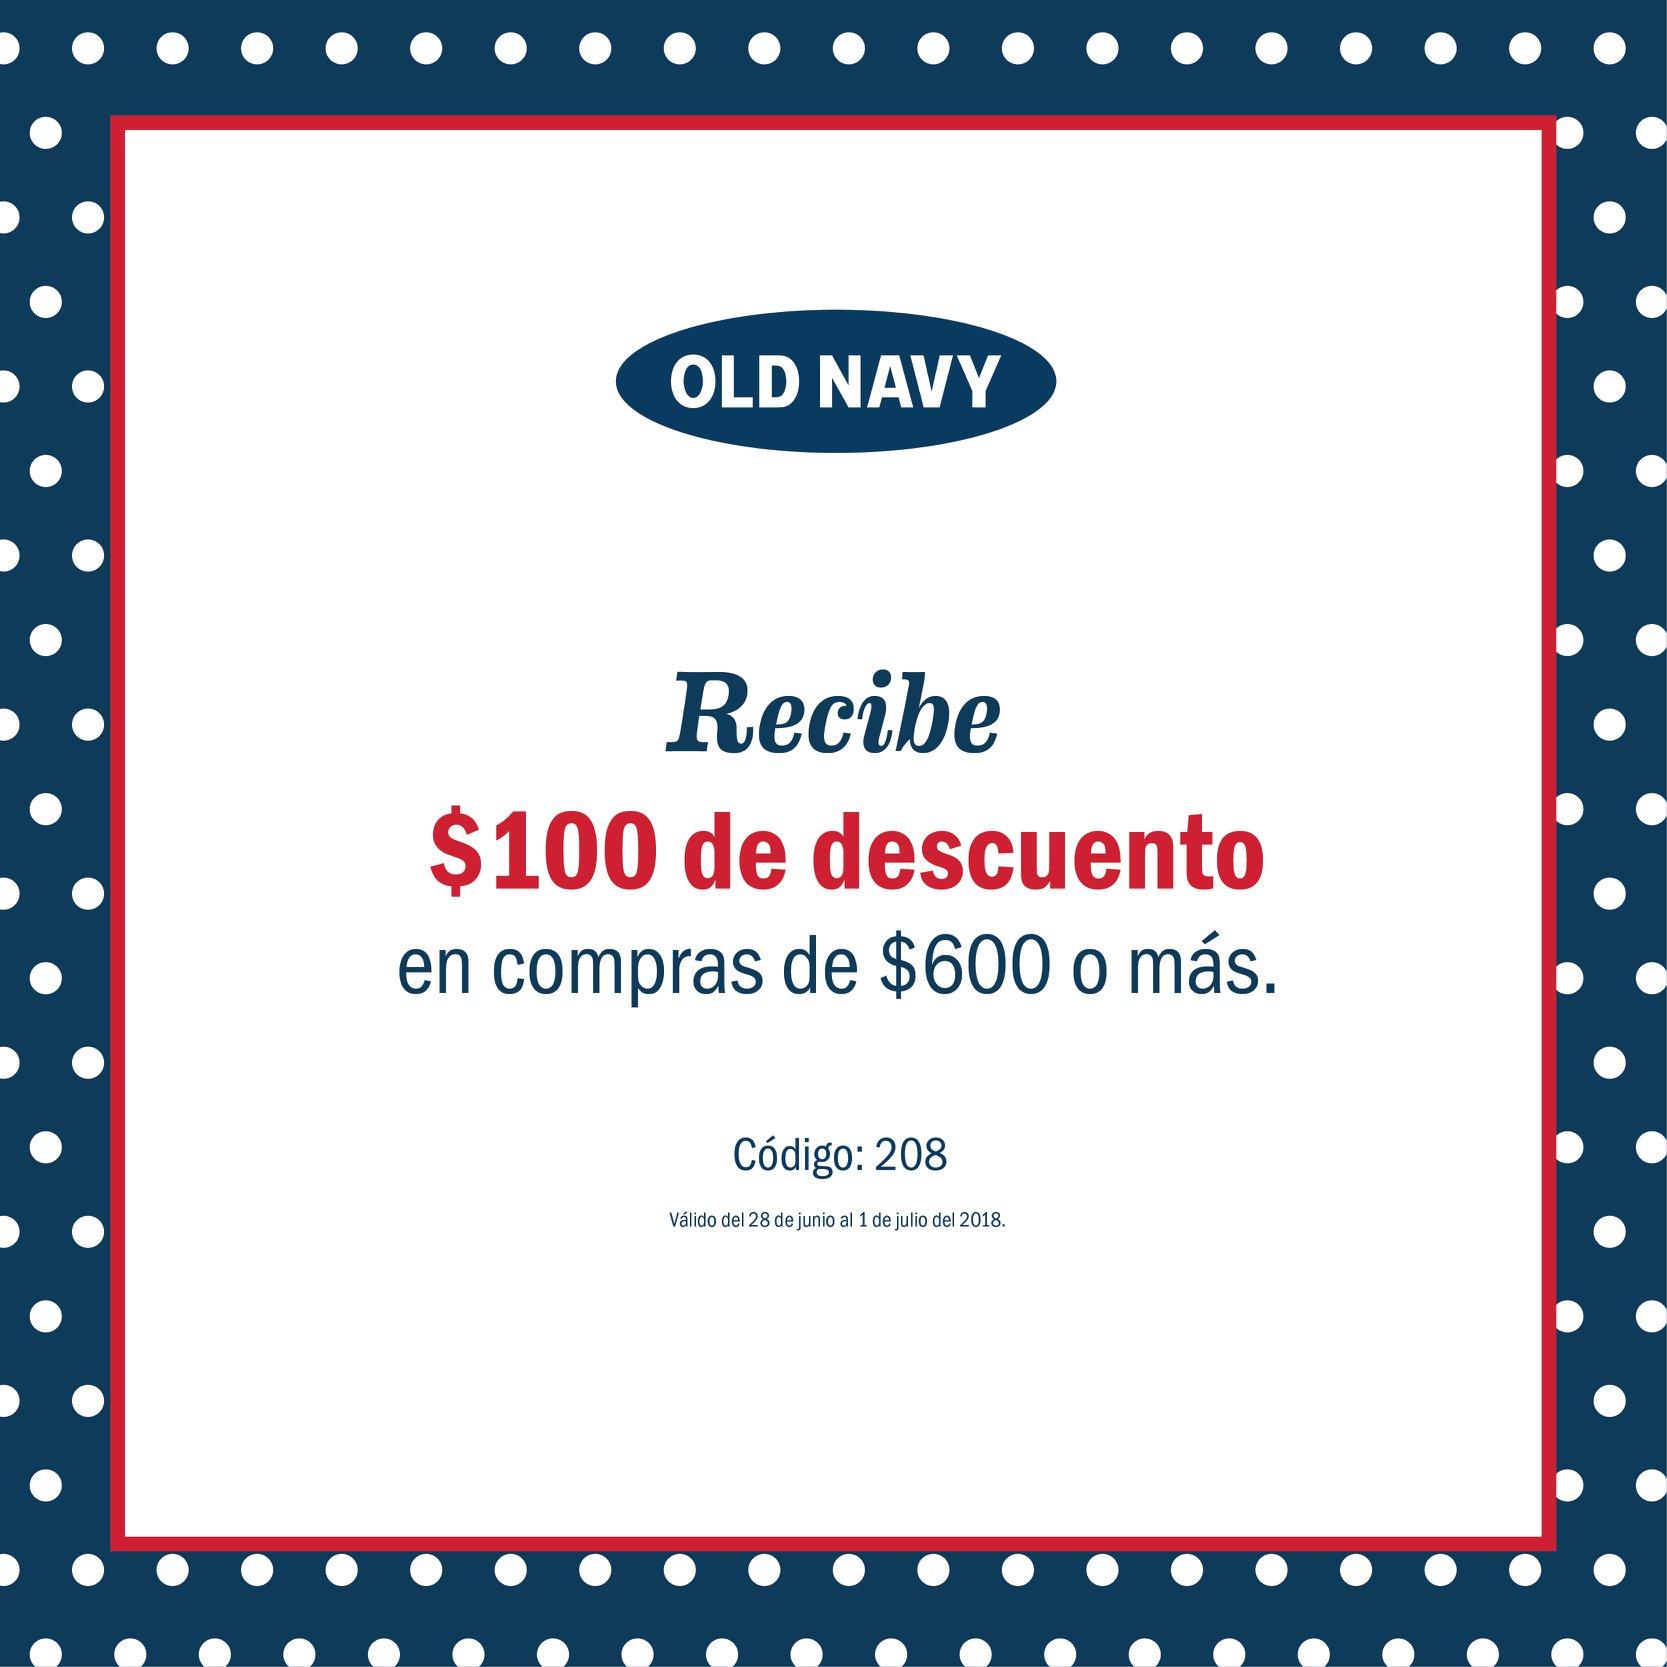 Old Navy: $100 de descuento en compras de $600